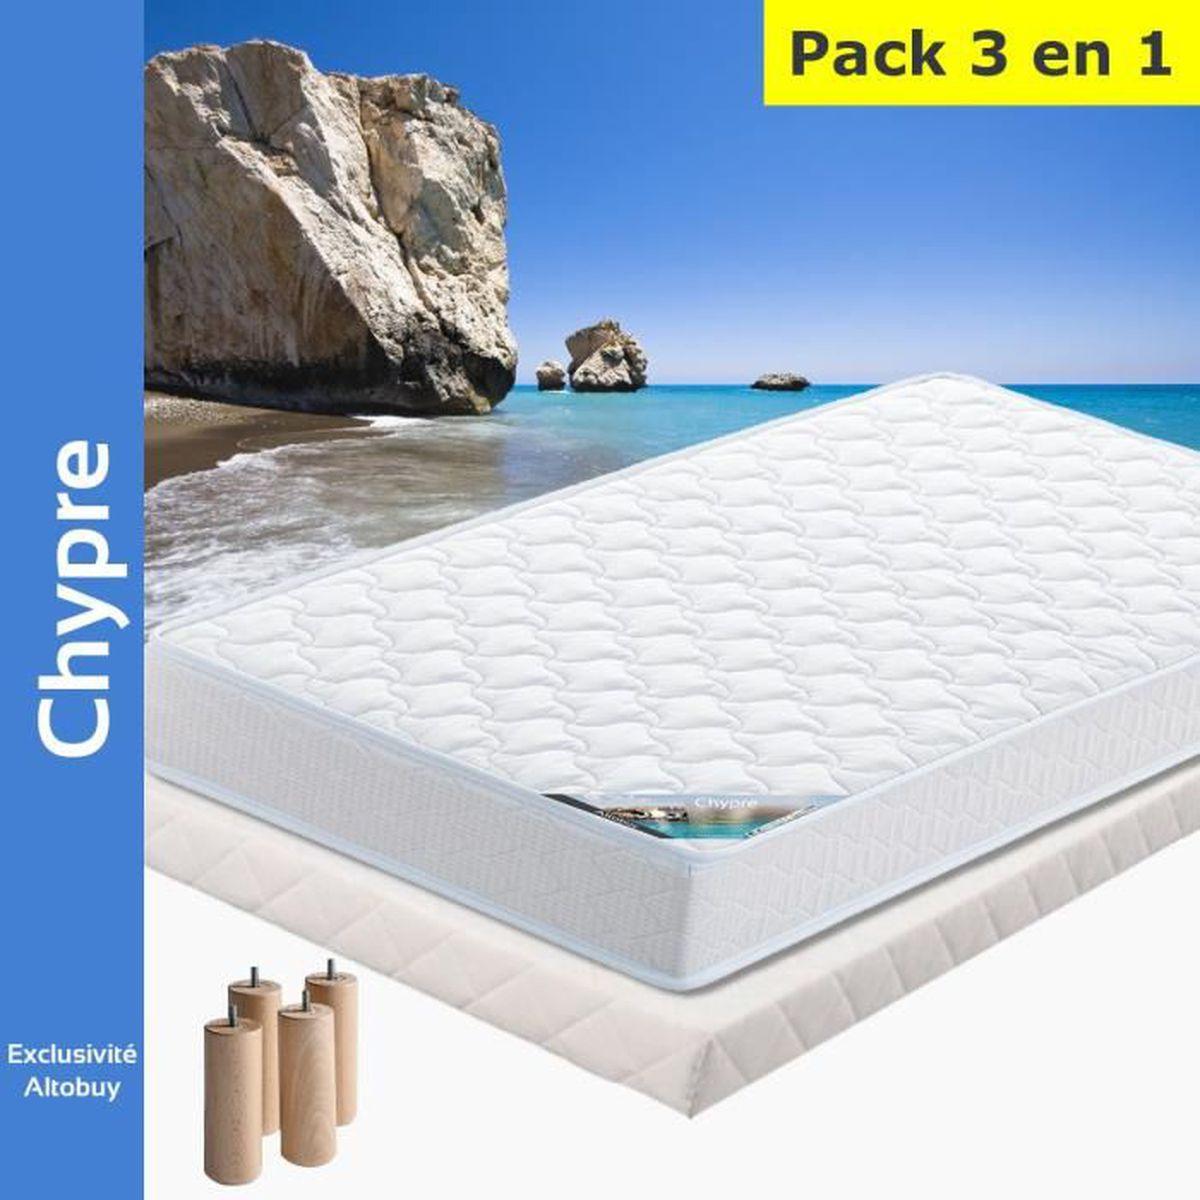 AltoBuy Chypre Pack Matelas Lattes 160x200